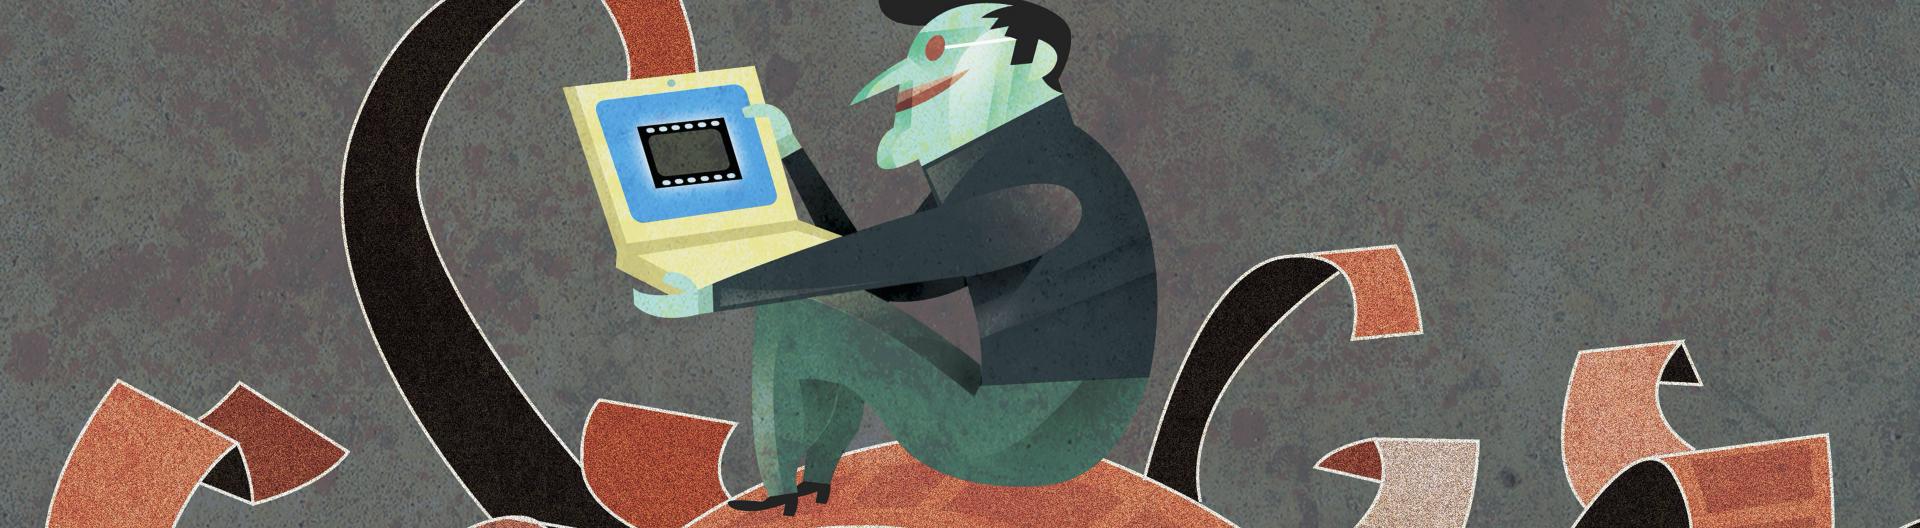 Comic: Mann sitzt mit Laptop auf Filmstreifen